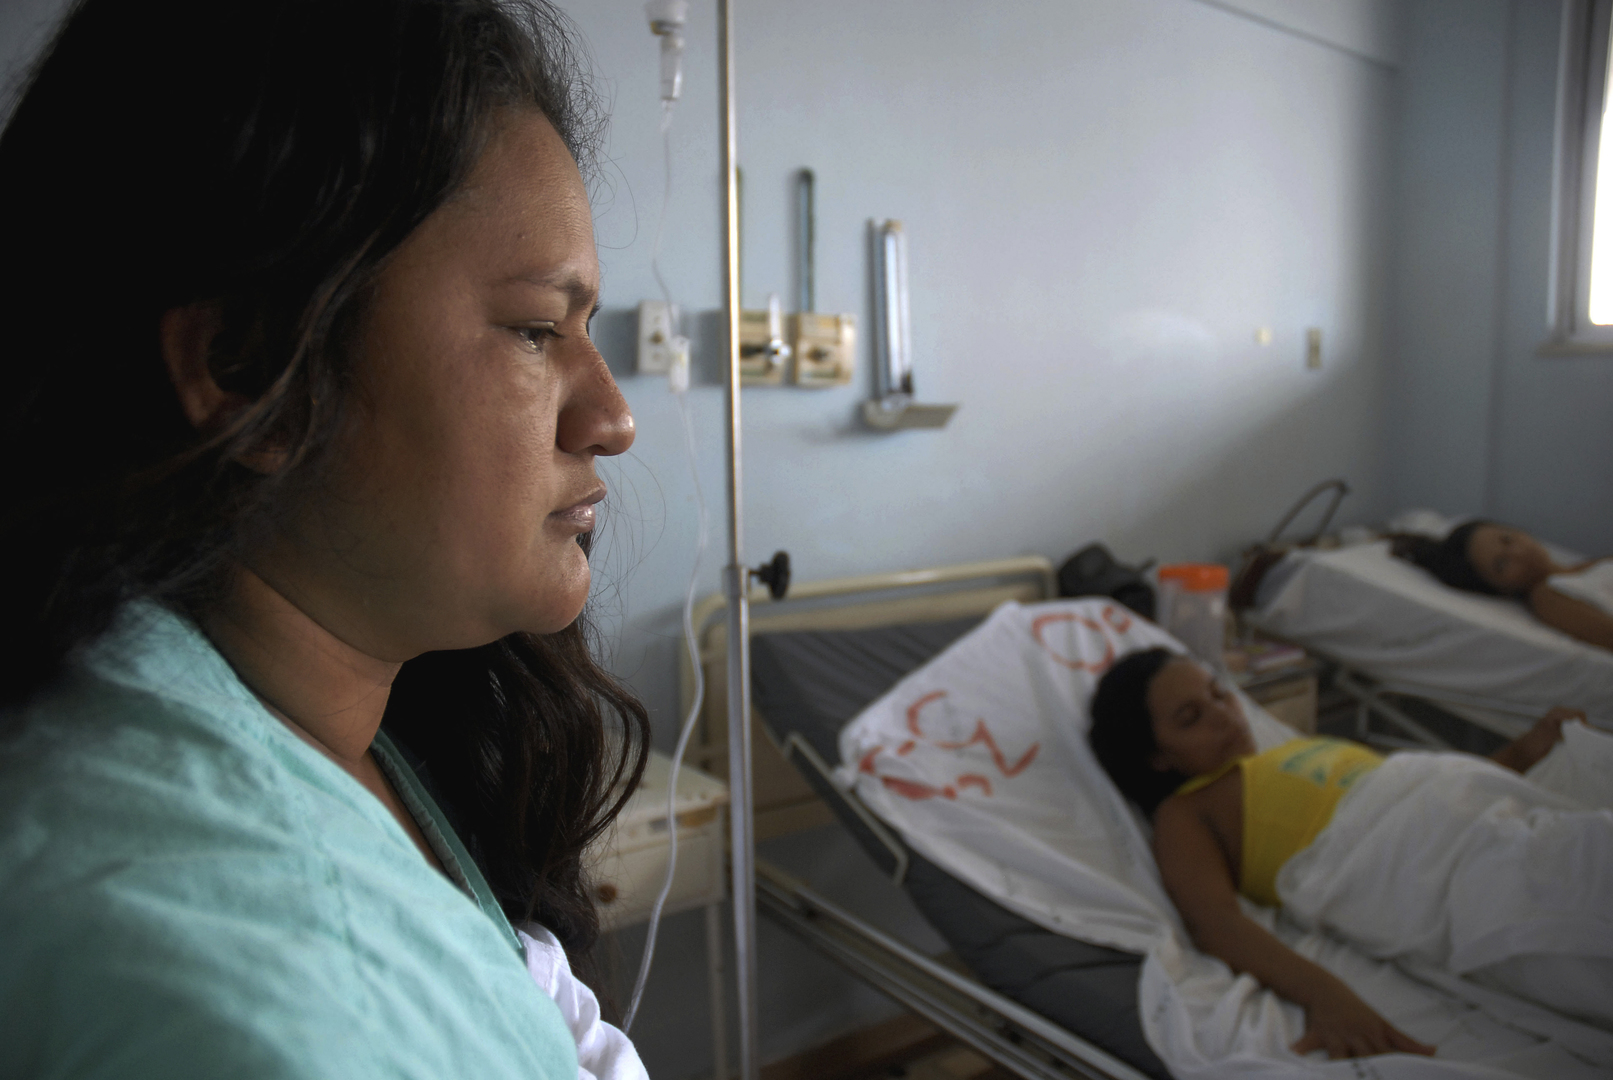 Während alle auf Corona starren: Lateinamerika im Würgegriff von einmaliger Dengue-Virus-Epidemie